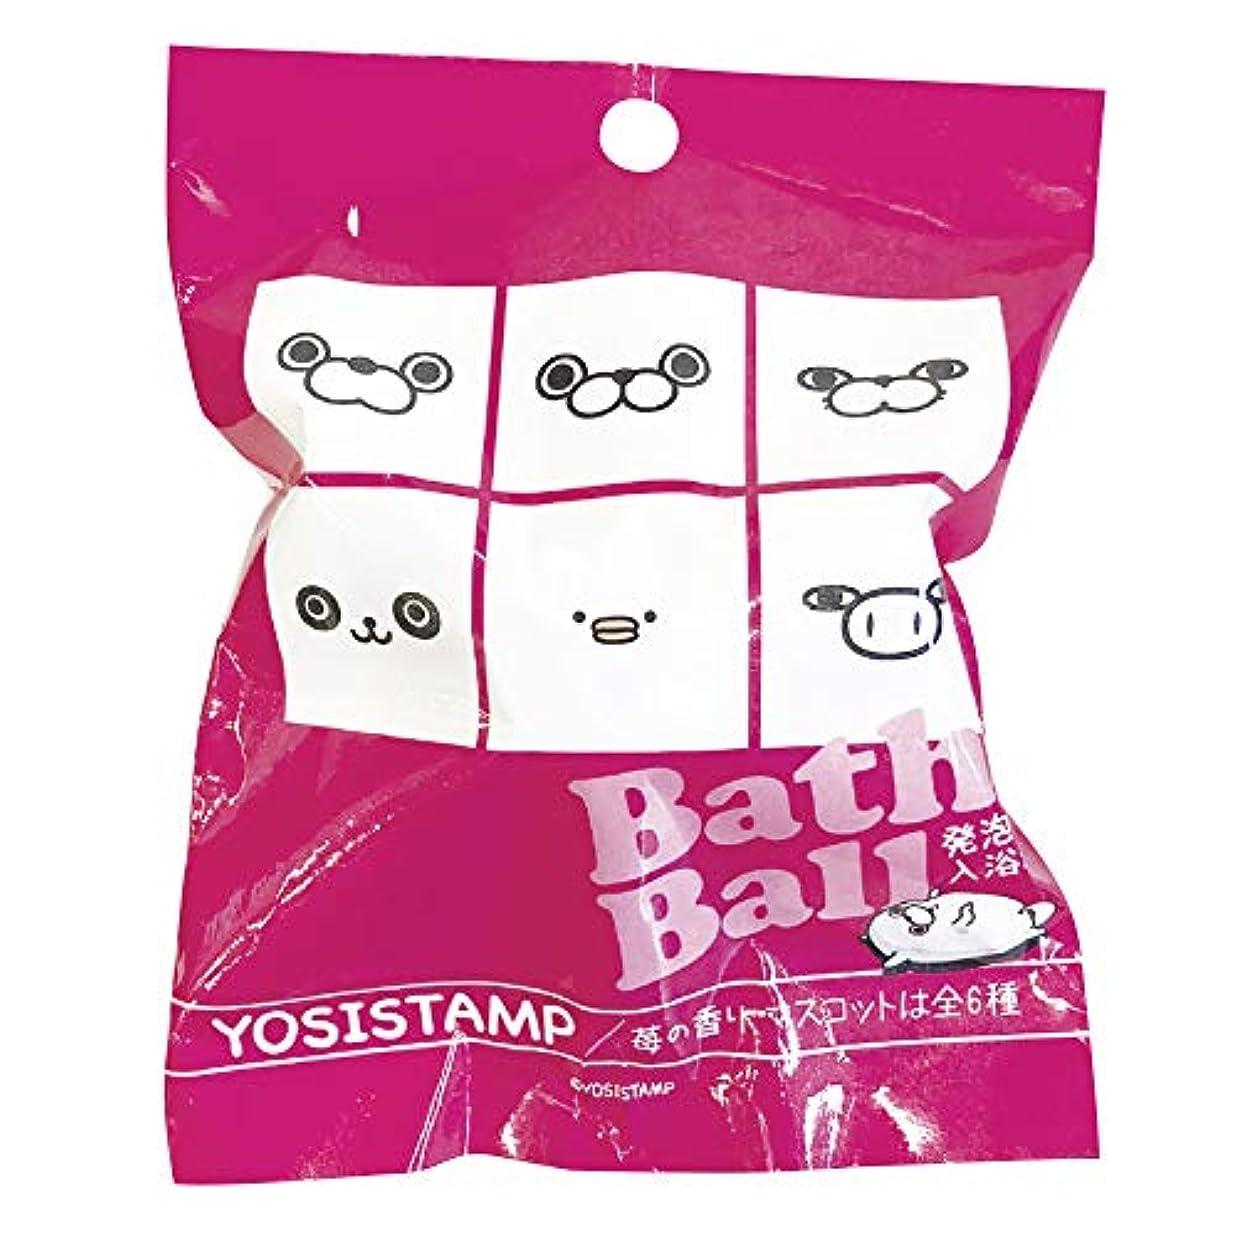 おっとハウス電子ヨッシースタンプ 入浴剤 バスボール おまけ付き イチゴの香り ABD-004-002